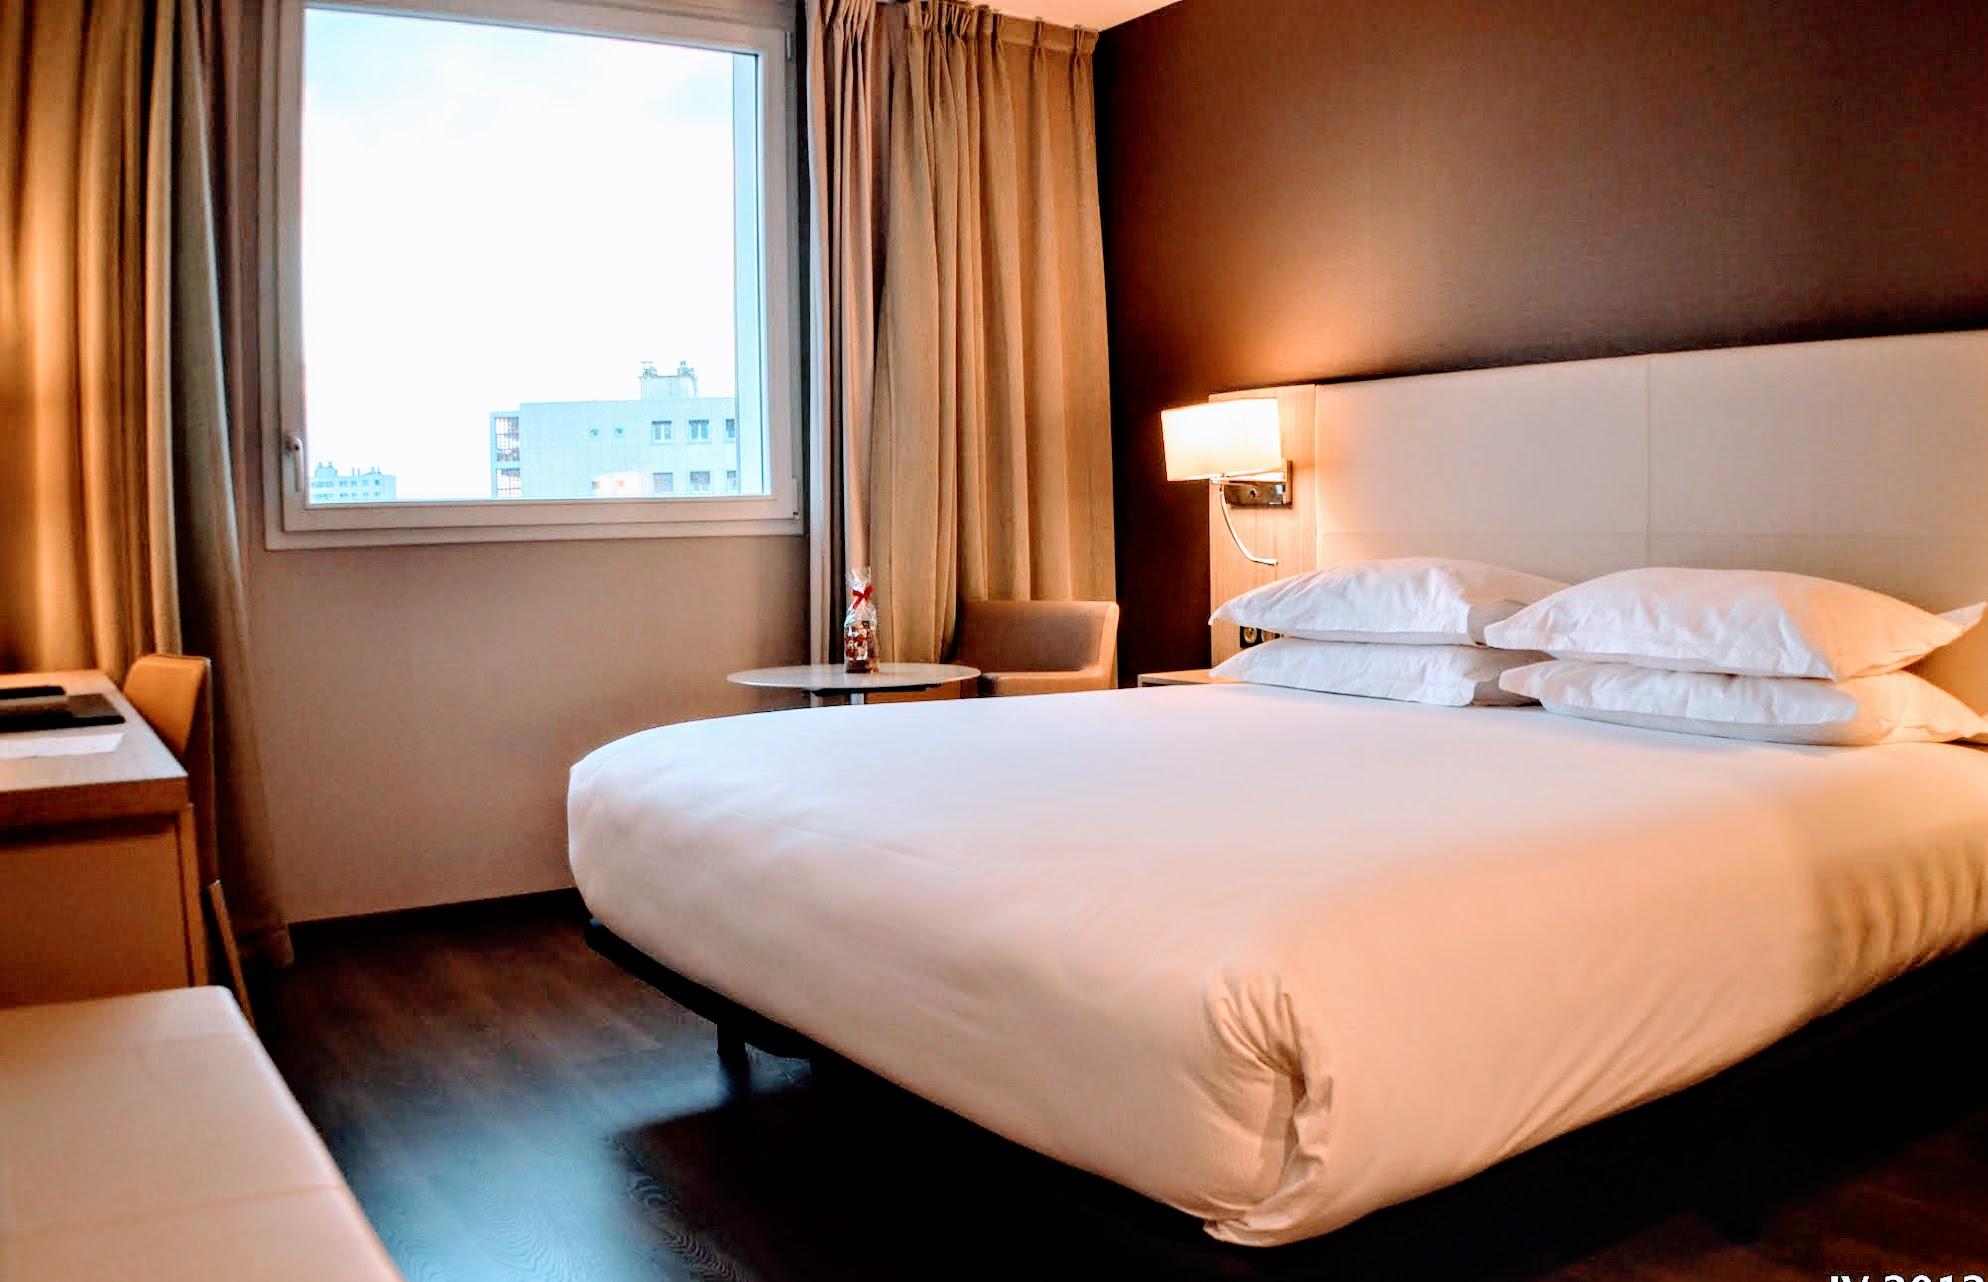 AC Hotel Marseille room